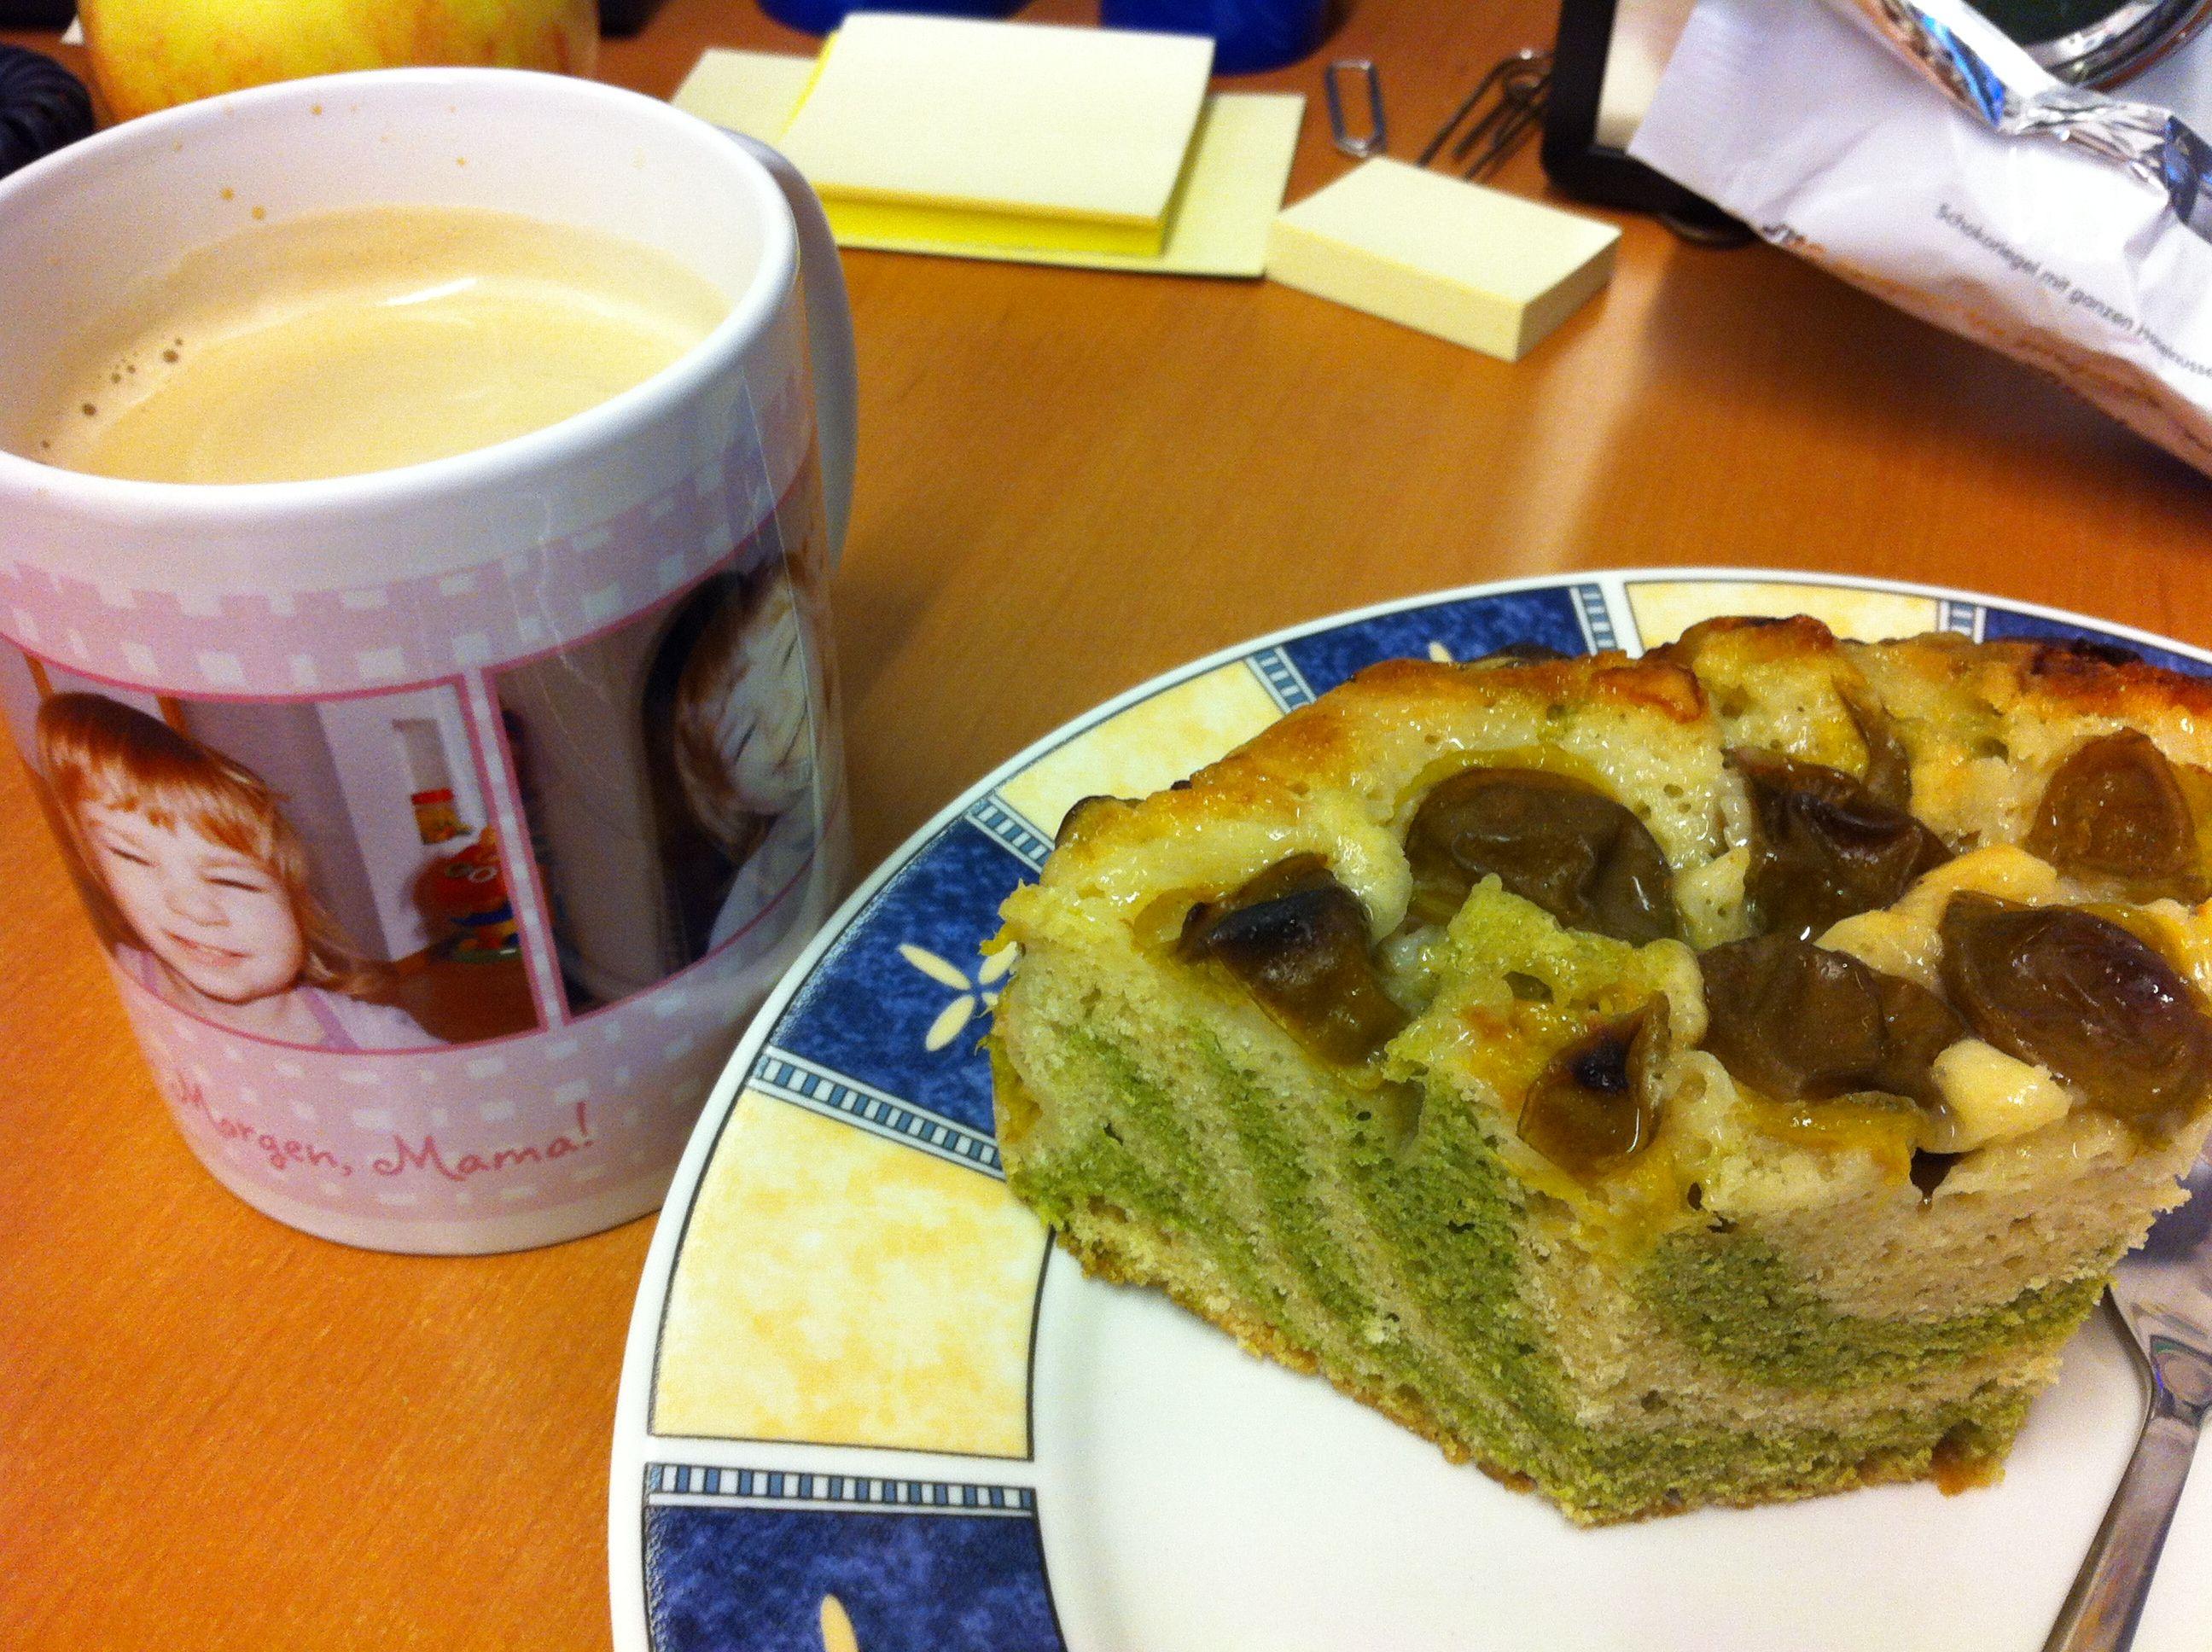 Ich selbst habe diesen Mittwoch dekadent gefrühstückt: Zebrakuchen mit Kriecherl!